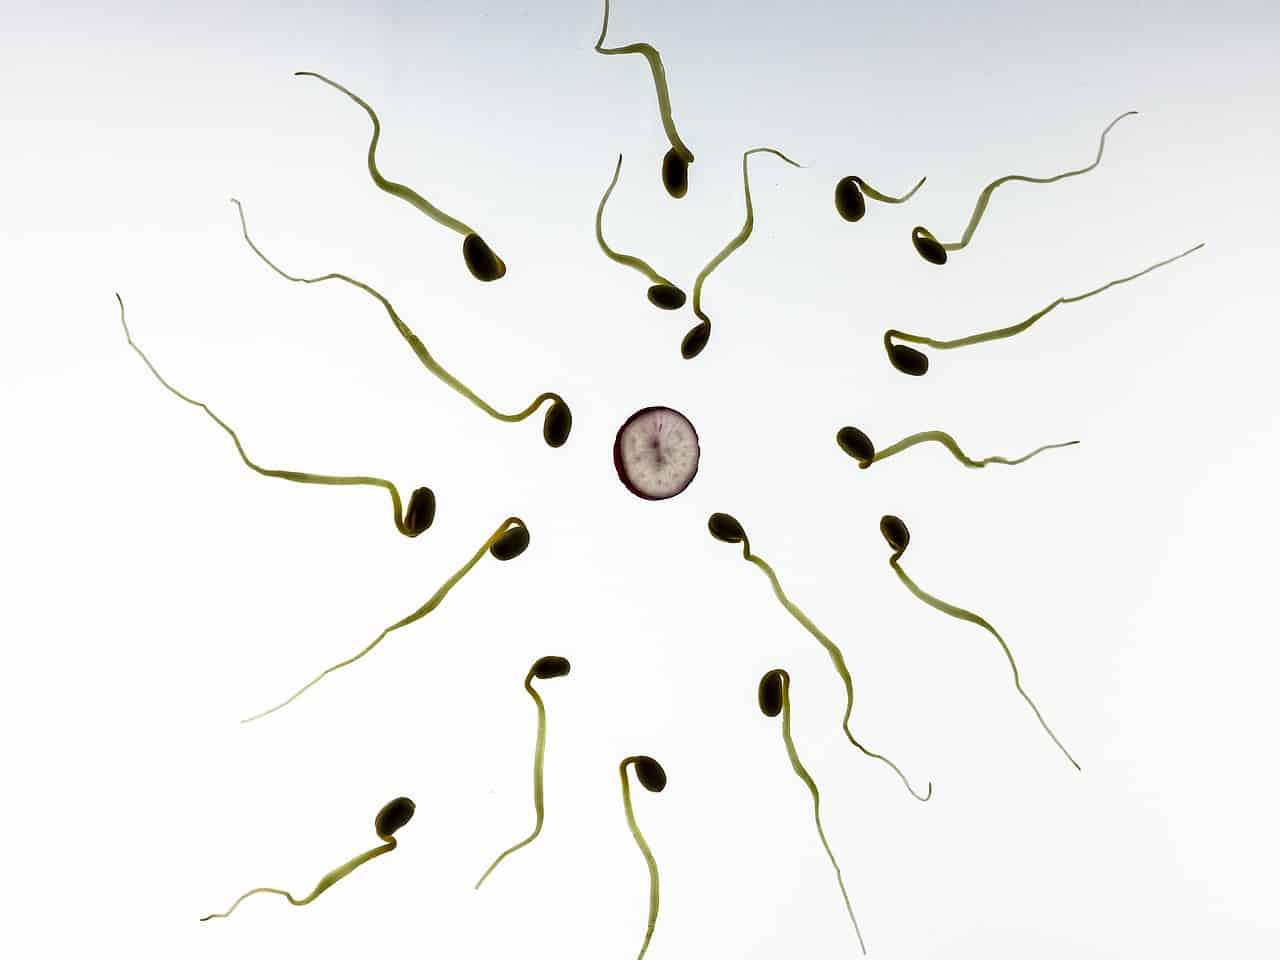 Des spermatozoïde autour d'un ovule